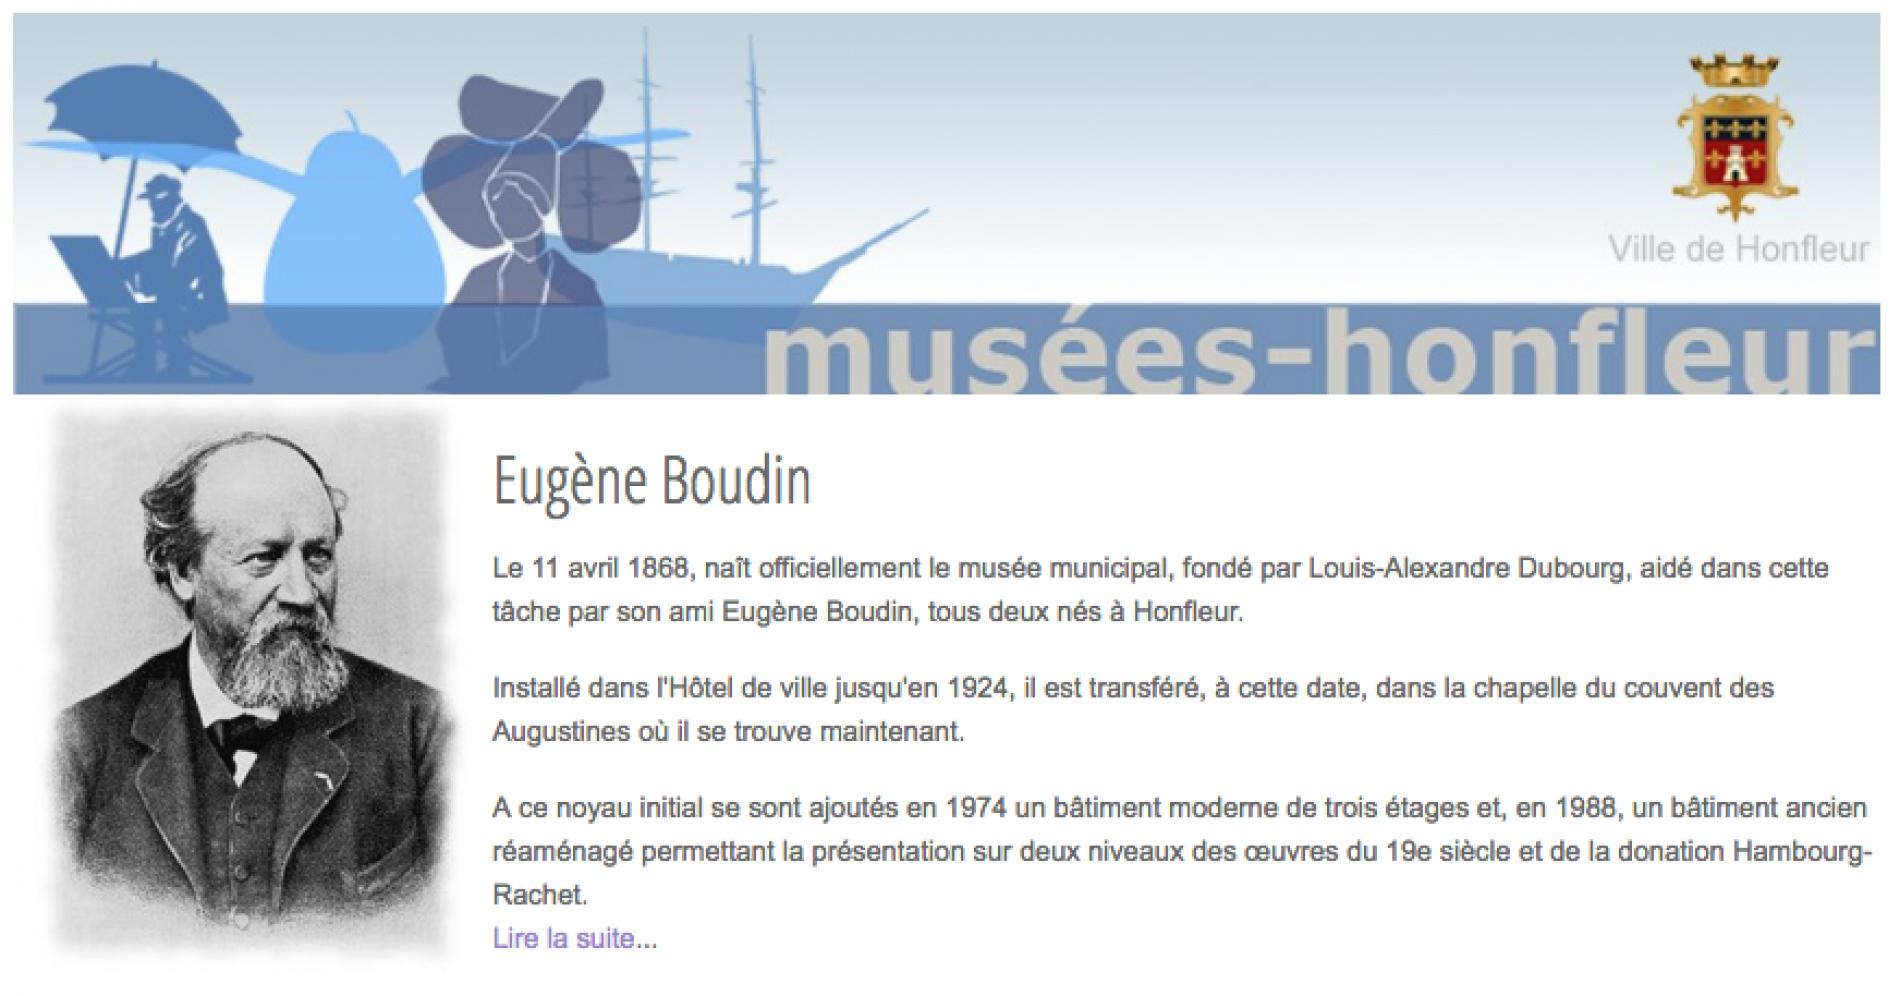 Les musées de Honfleur